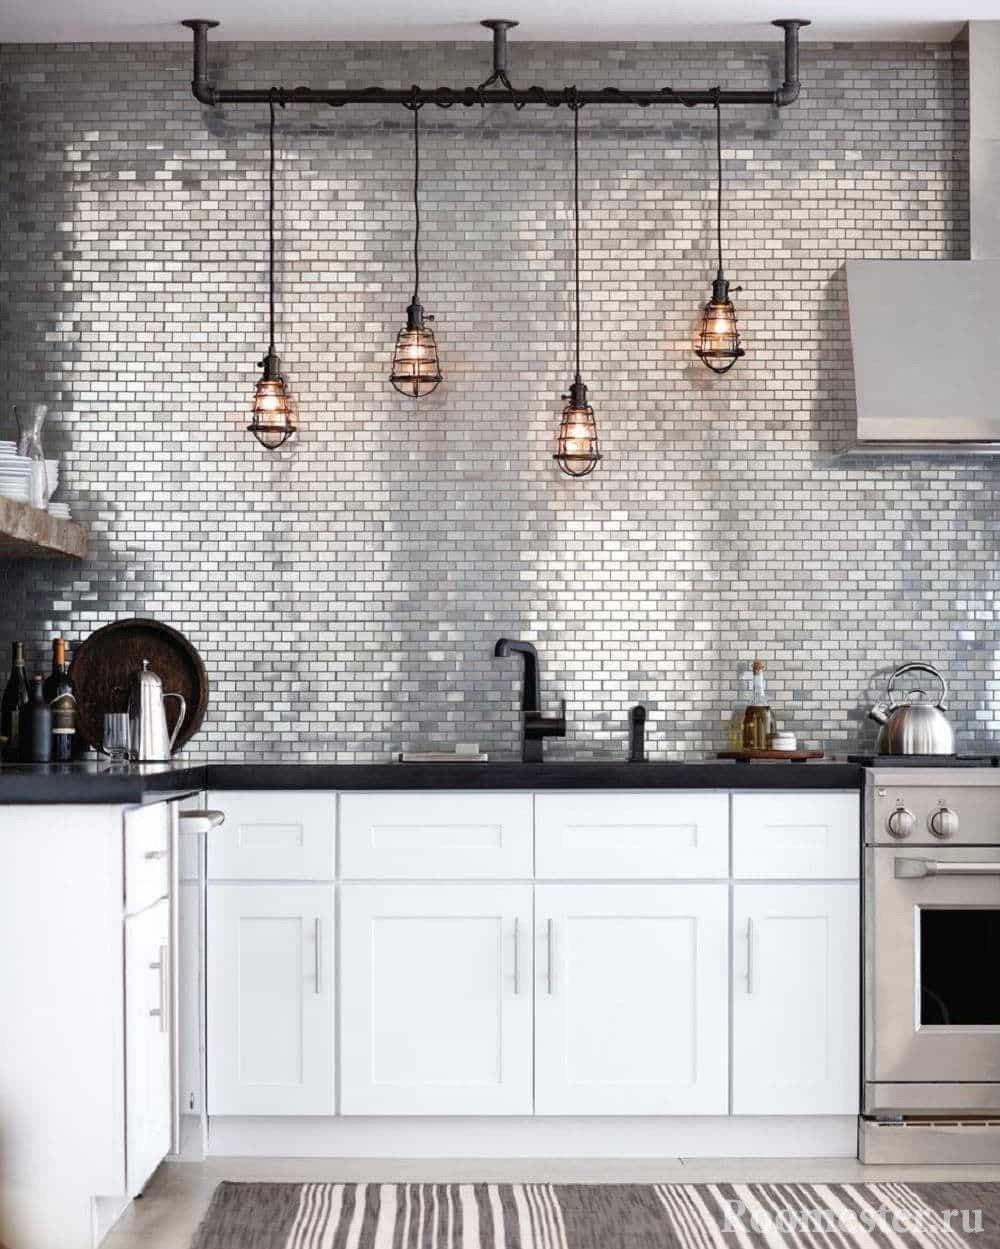 Кухня в стиле гранж с фартуком серебряного цвета и ретро светильниками над рабочей зоной